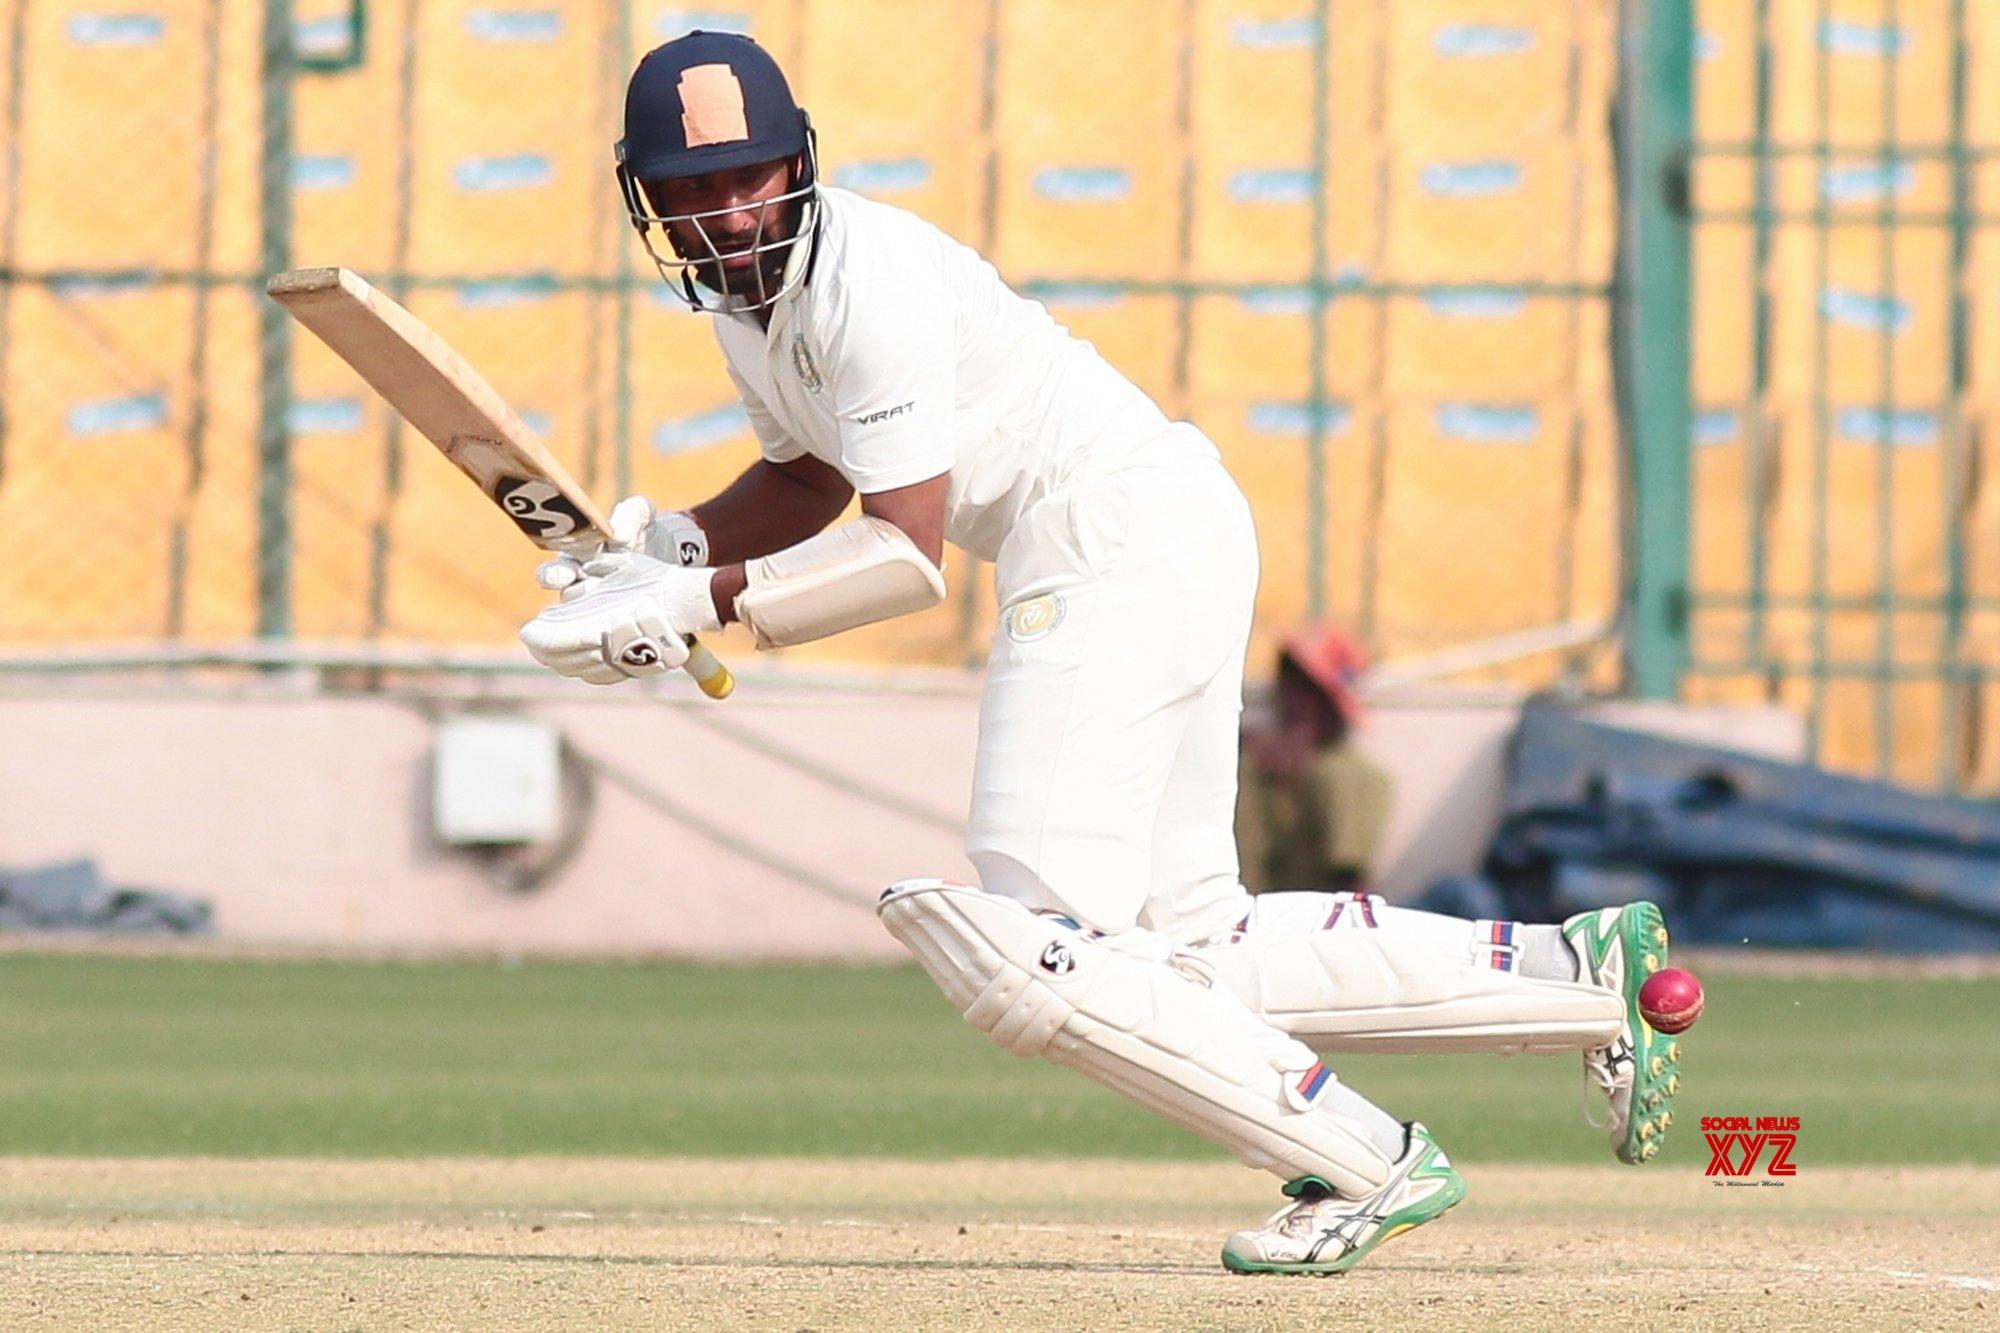 रणजी ट्रॉफी: रविंद्र जडेजा को नहीं मिली थी फाइनल खेलने की अनुमति, अब चेतेश्वर पुजारा पर आया फैसला 9